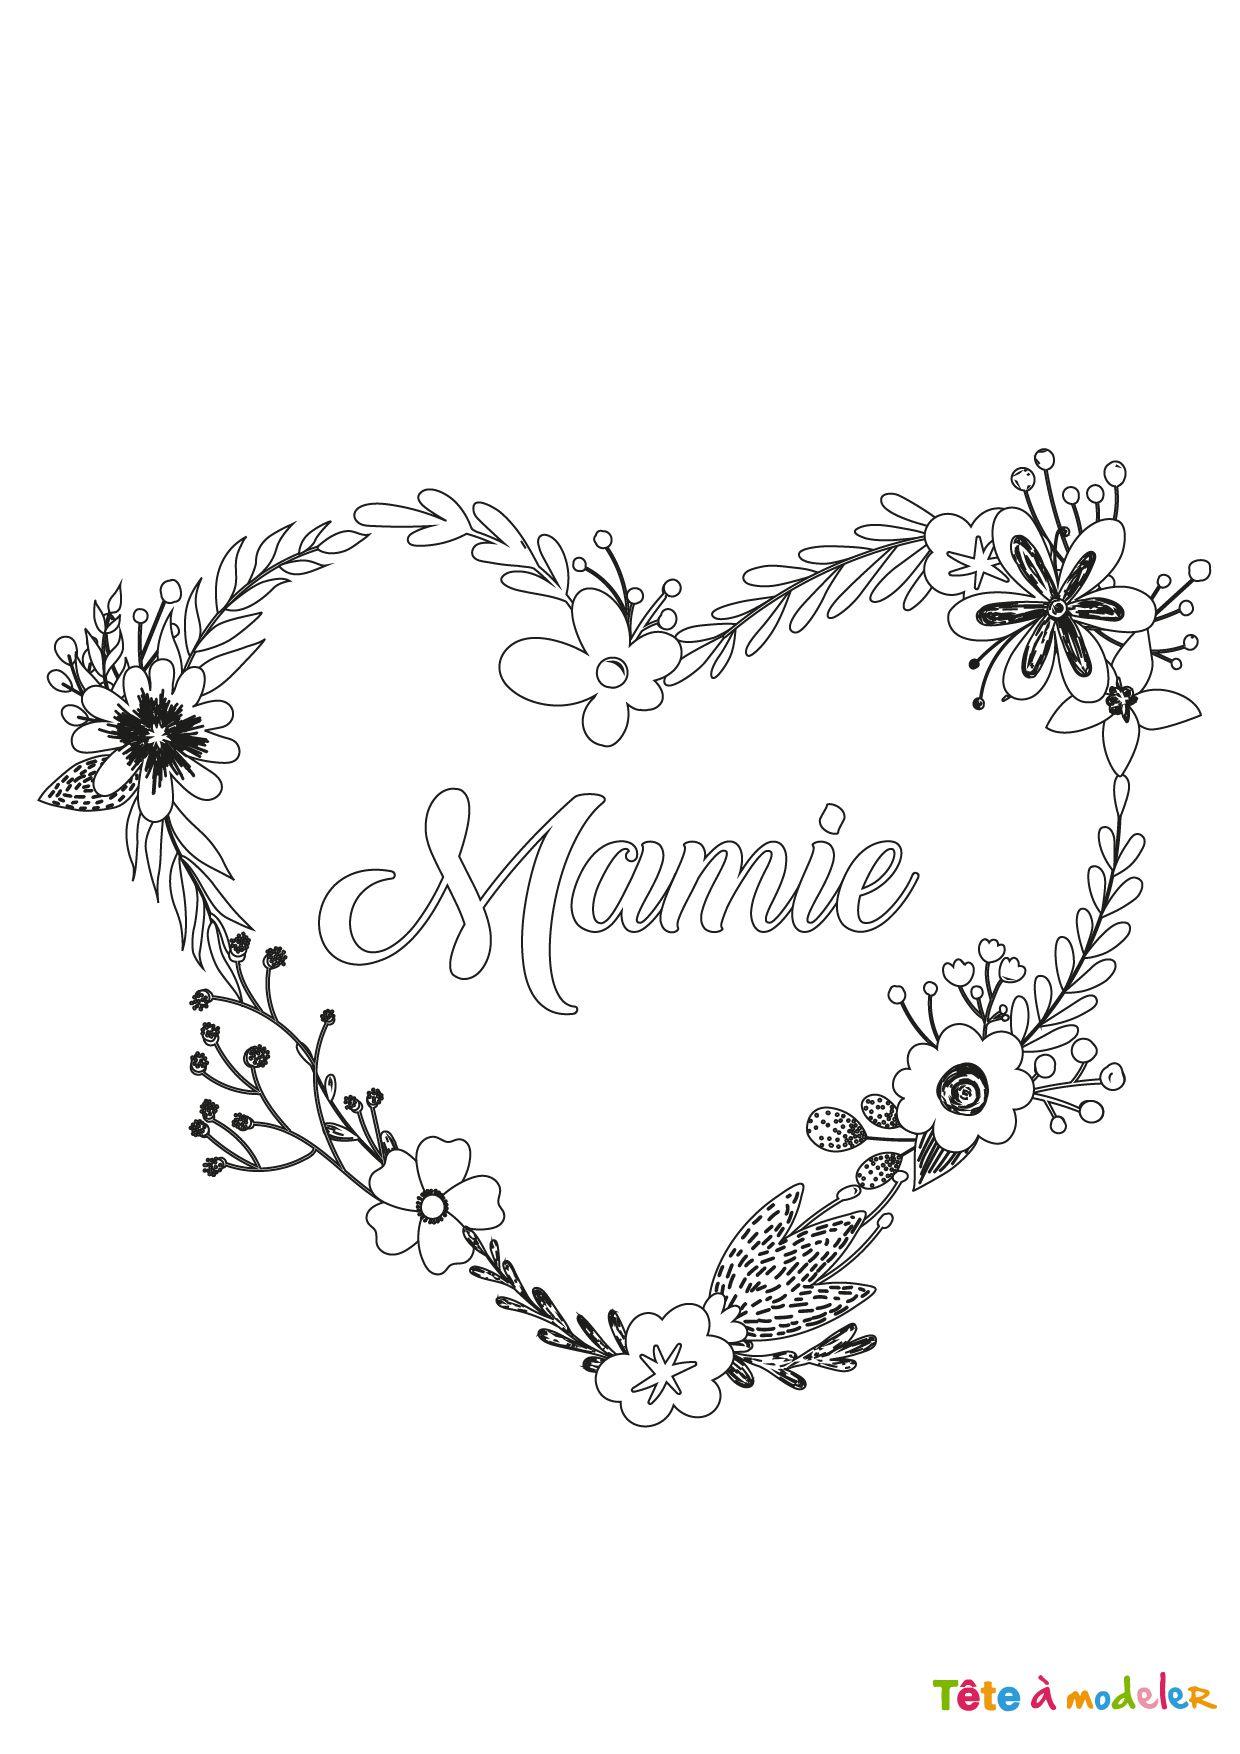 Coloriage Pour Mamie 5 Dessin Pour Mamie Bon Anniversaire Mamie Dessin Fete Des Meres